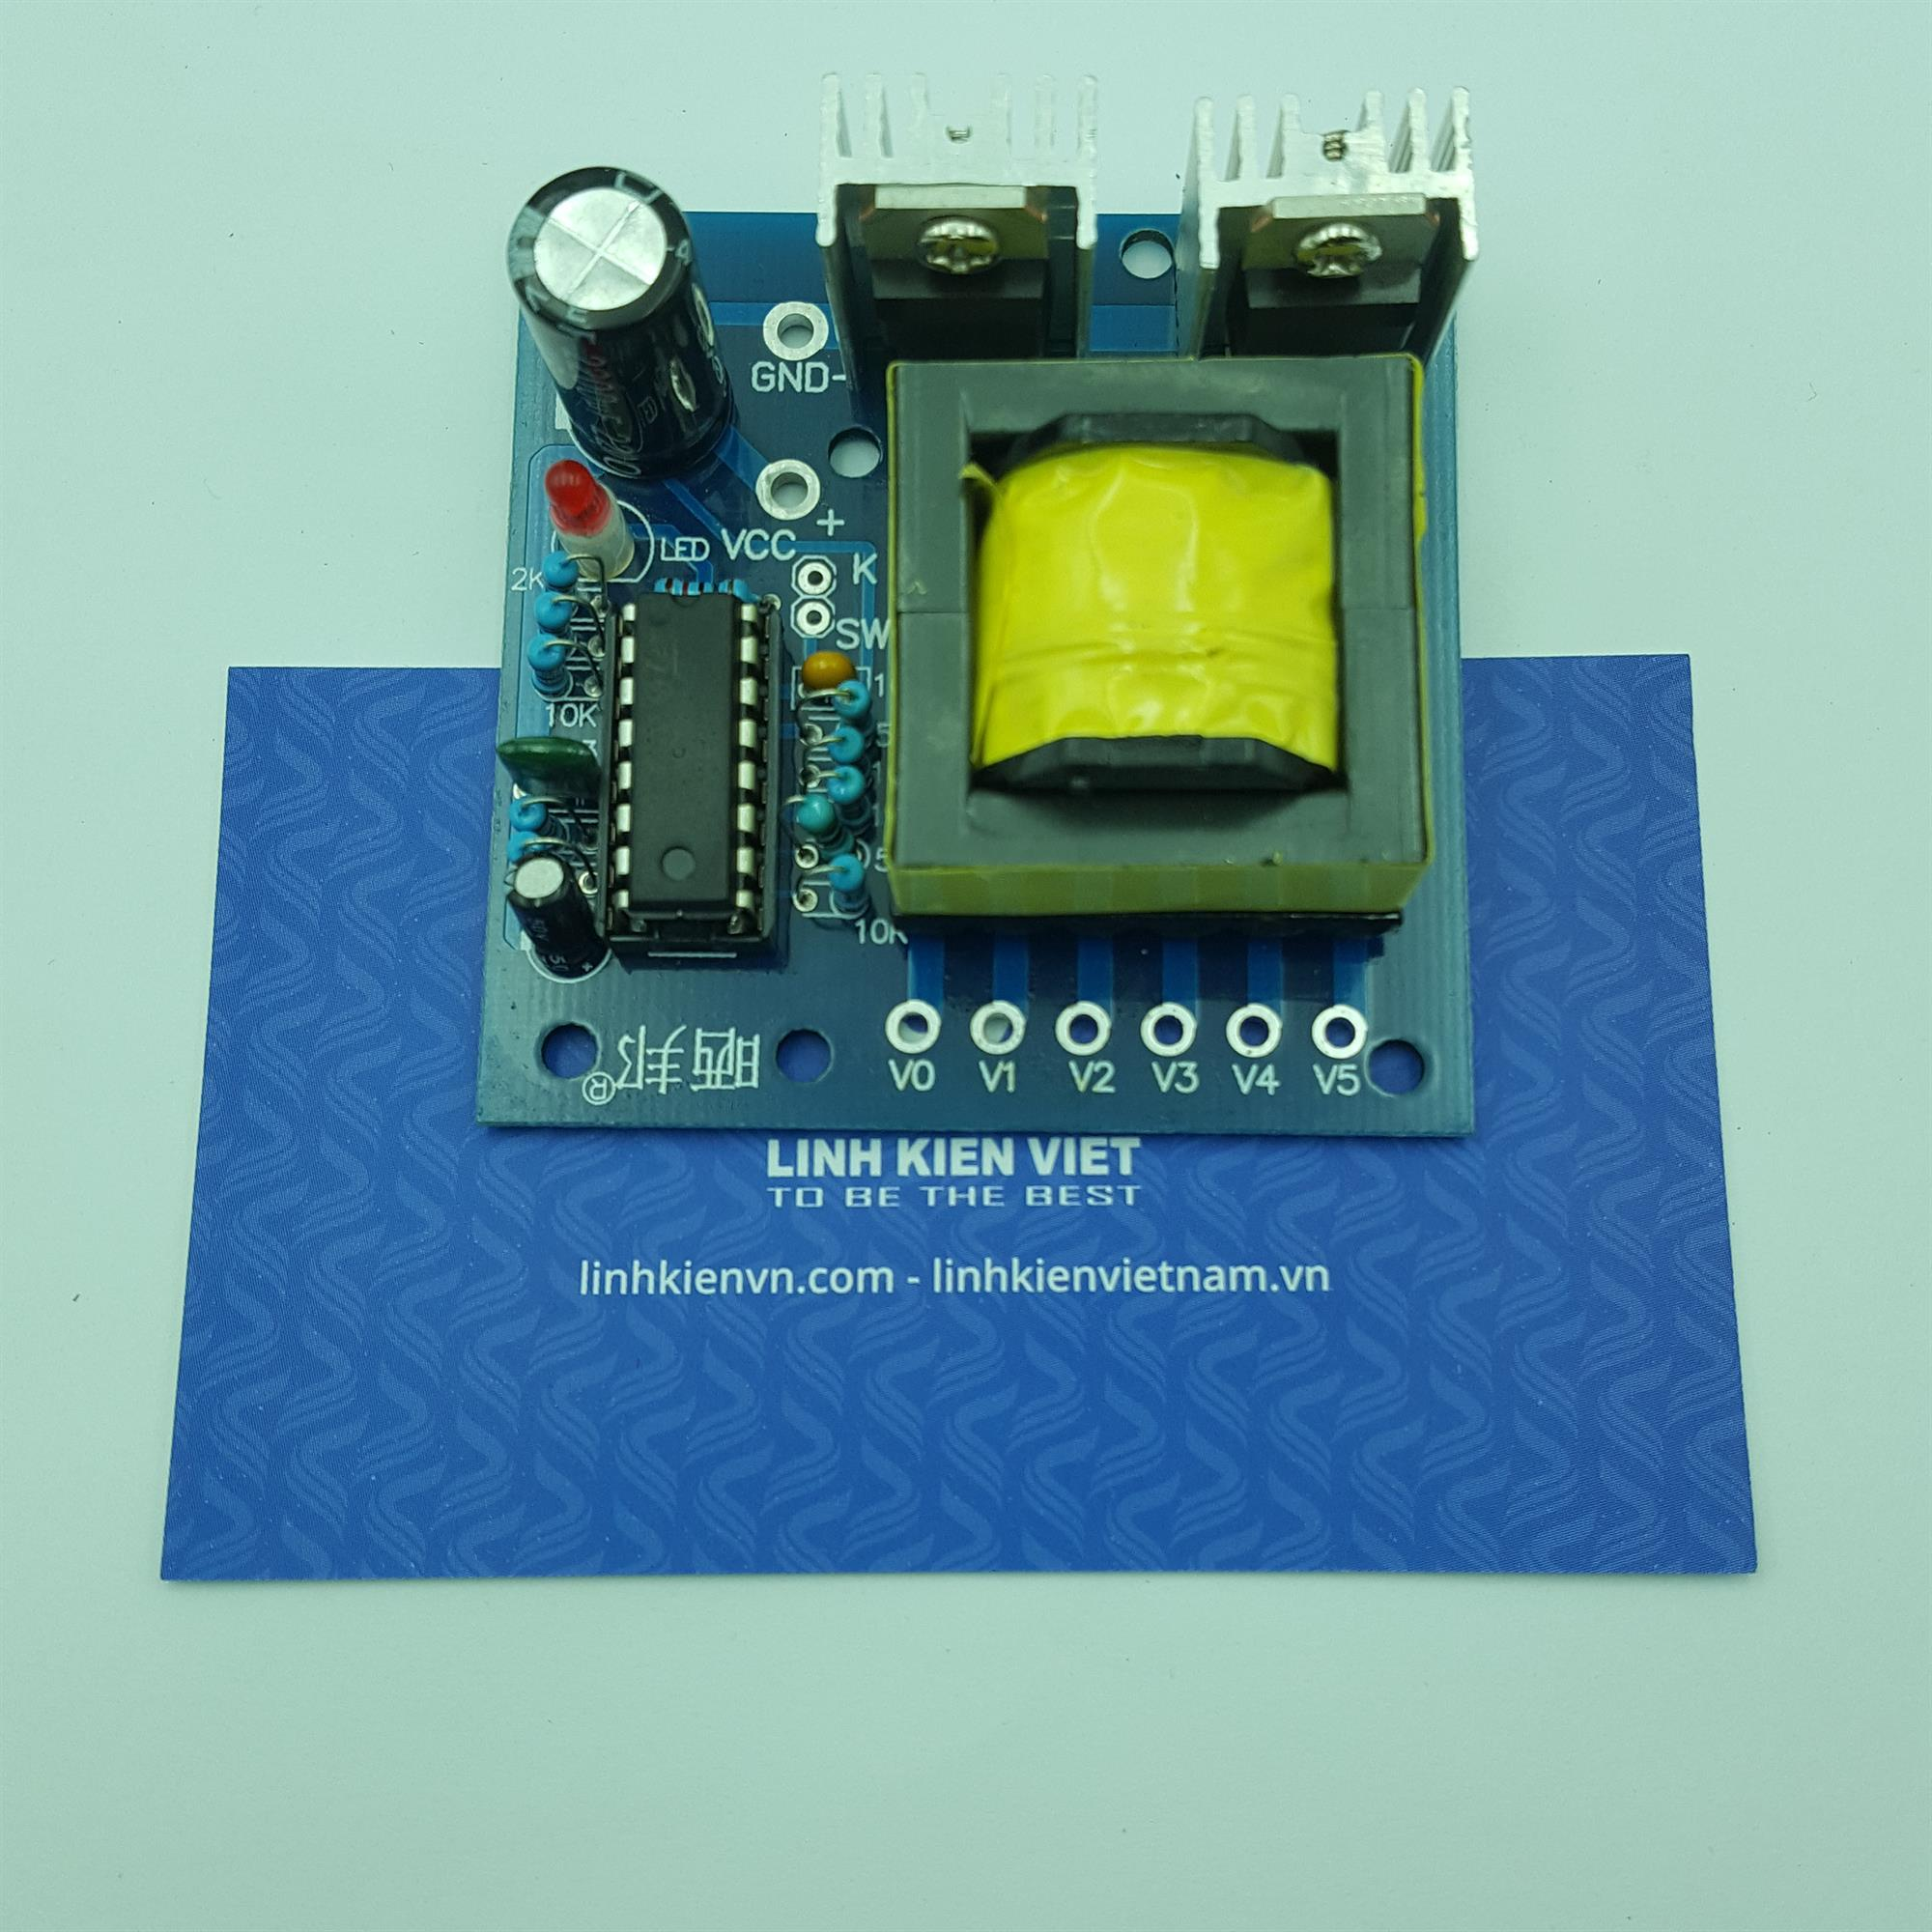 Mạch chuyển đổi điện áp inverter 12V ra 220VAC 150W/ Mạch tăng áp - X5H1